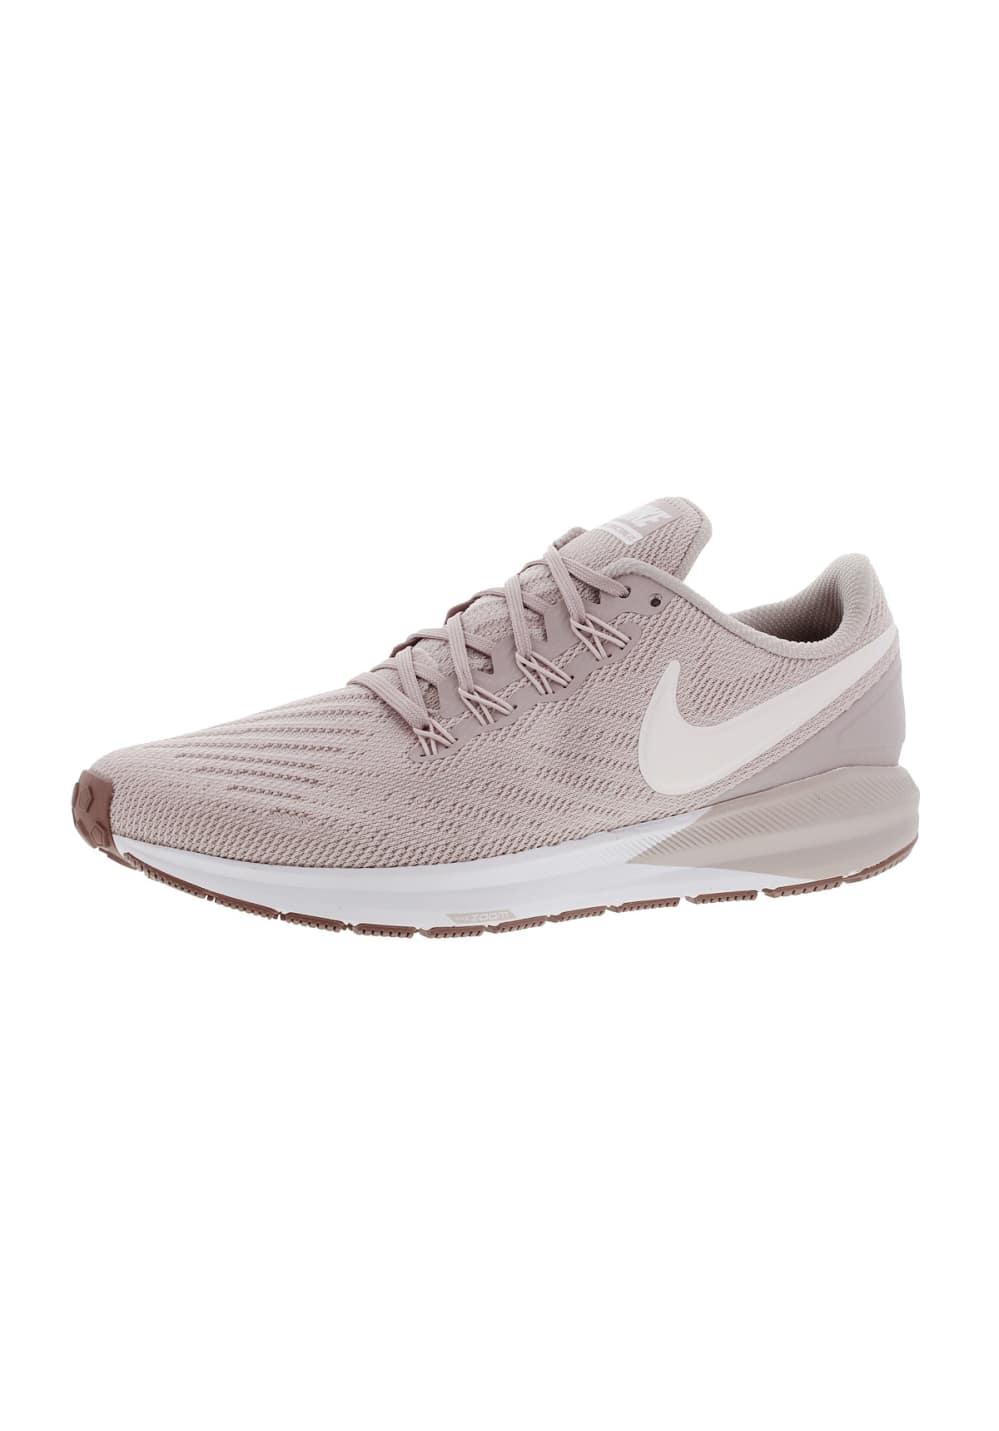 Nike Air Zoom Structure 22 - Laufschuhe für Damen - Pink